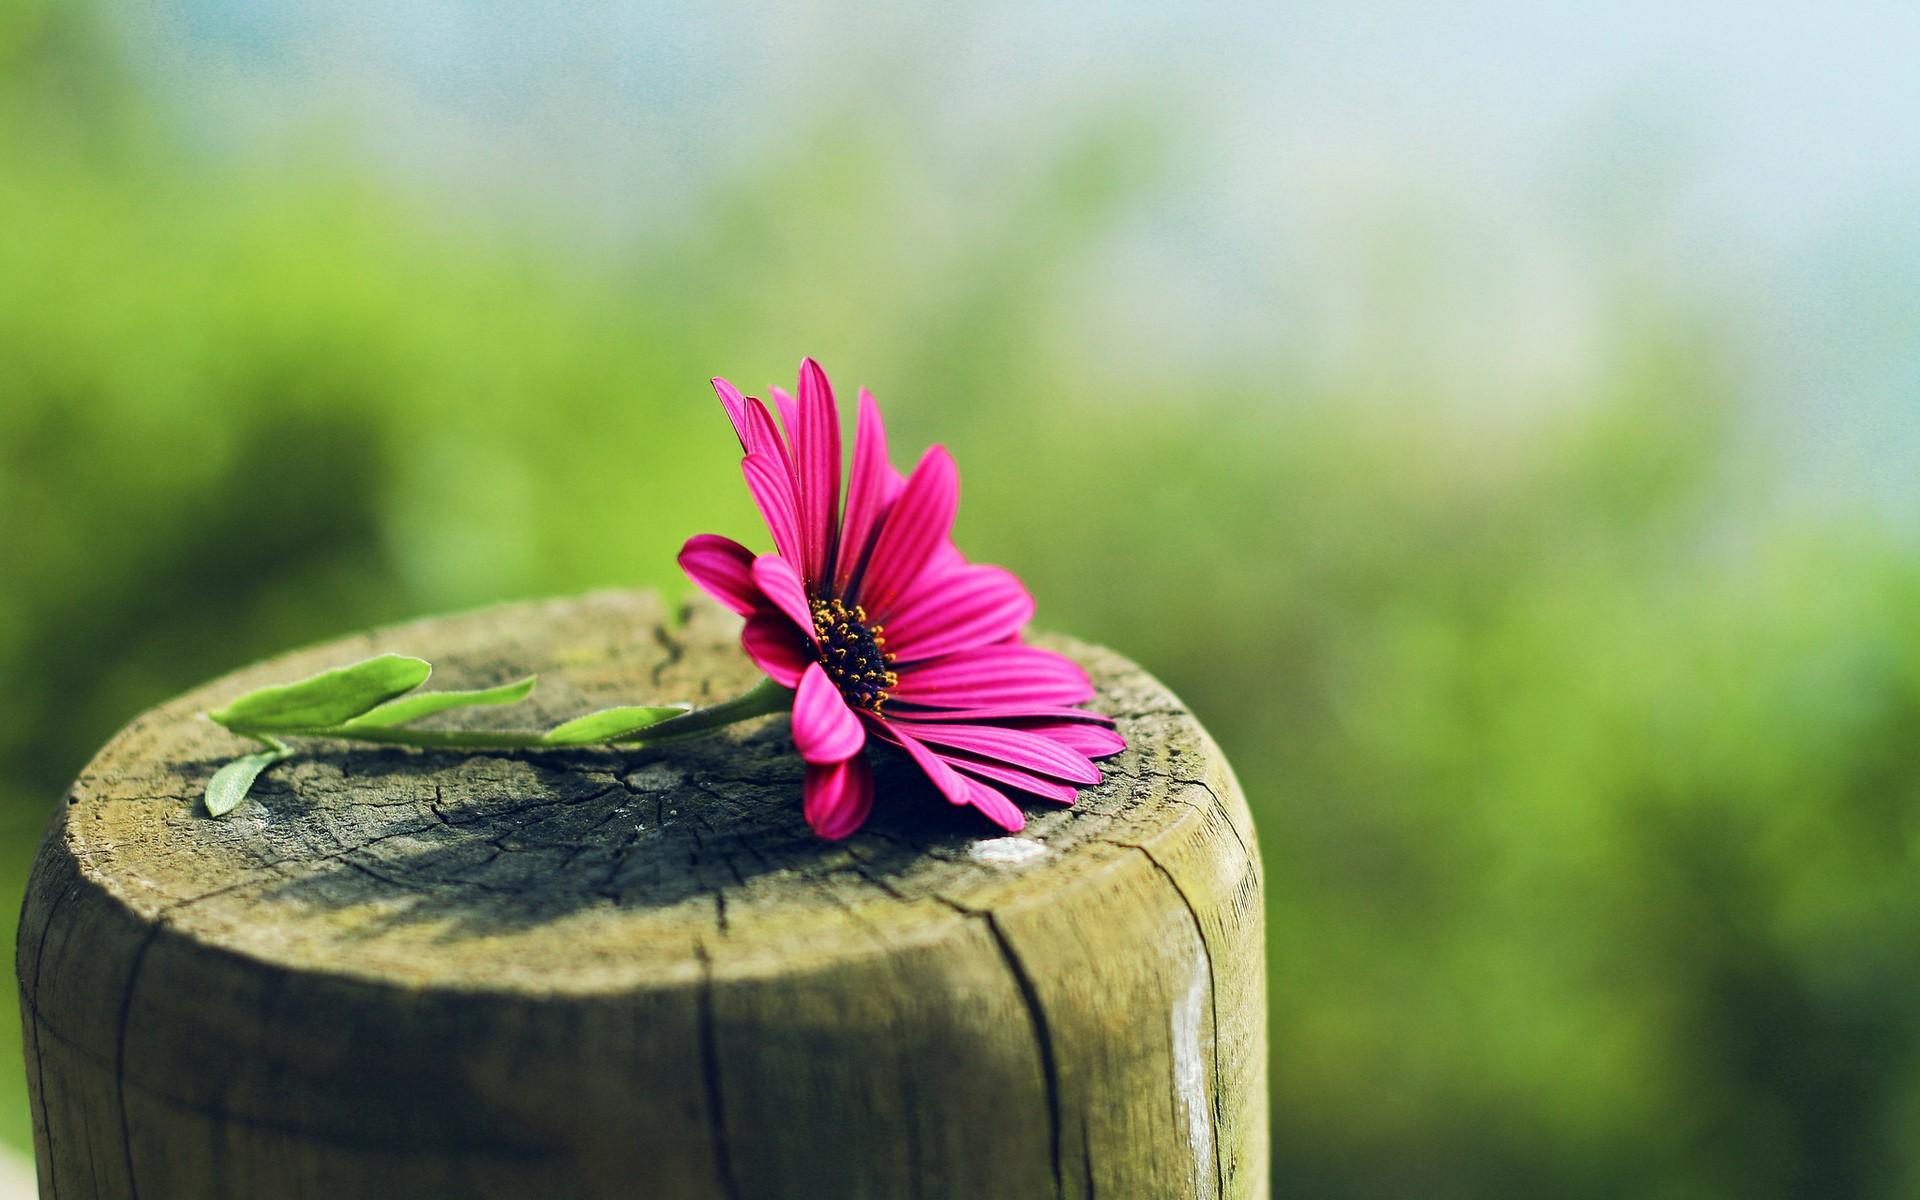 Flor sobre tronco de madera - 1920x1200